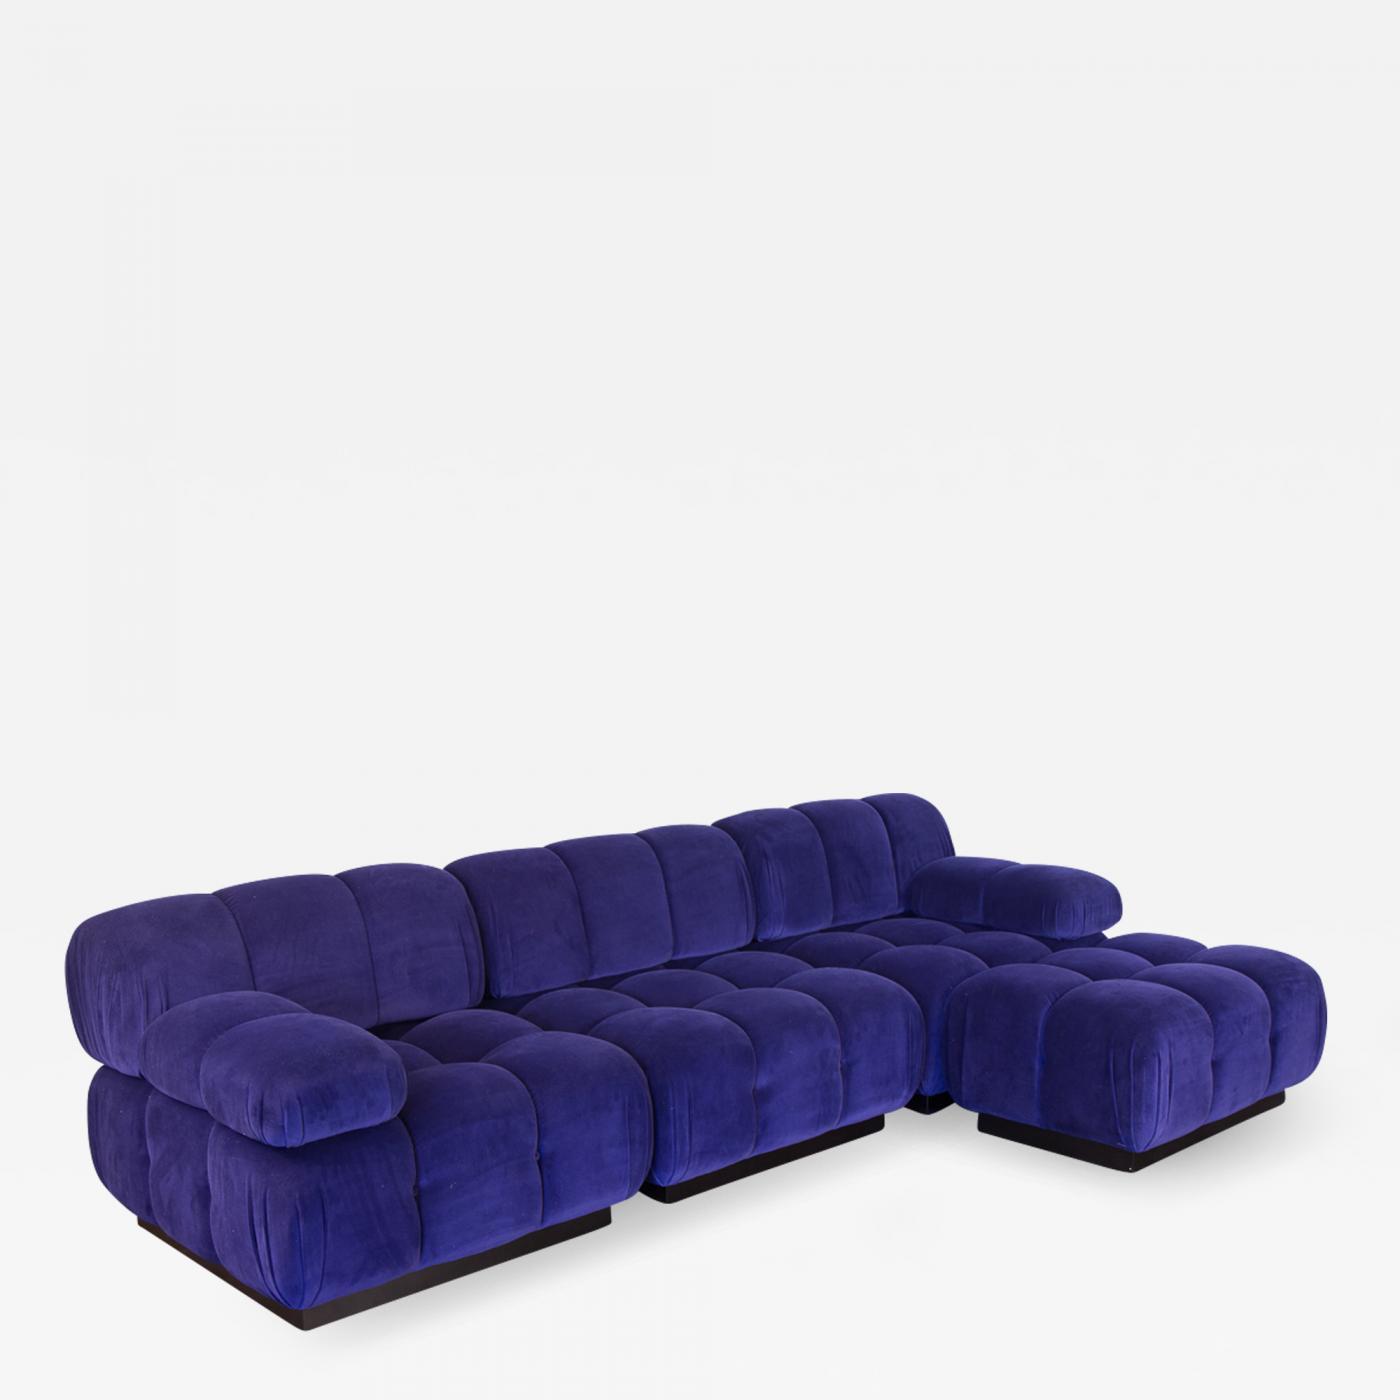 Wondrous Open Air Modern Purple Blue Velvet Custom Modular Tufted Ncnpc Chair Design For Home Ncnpcorg